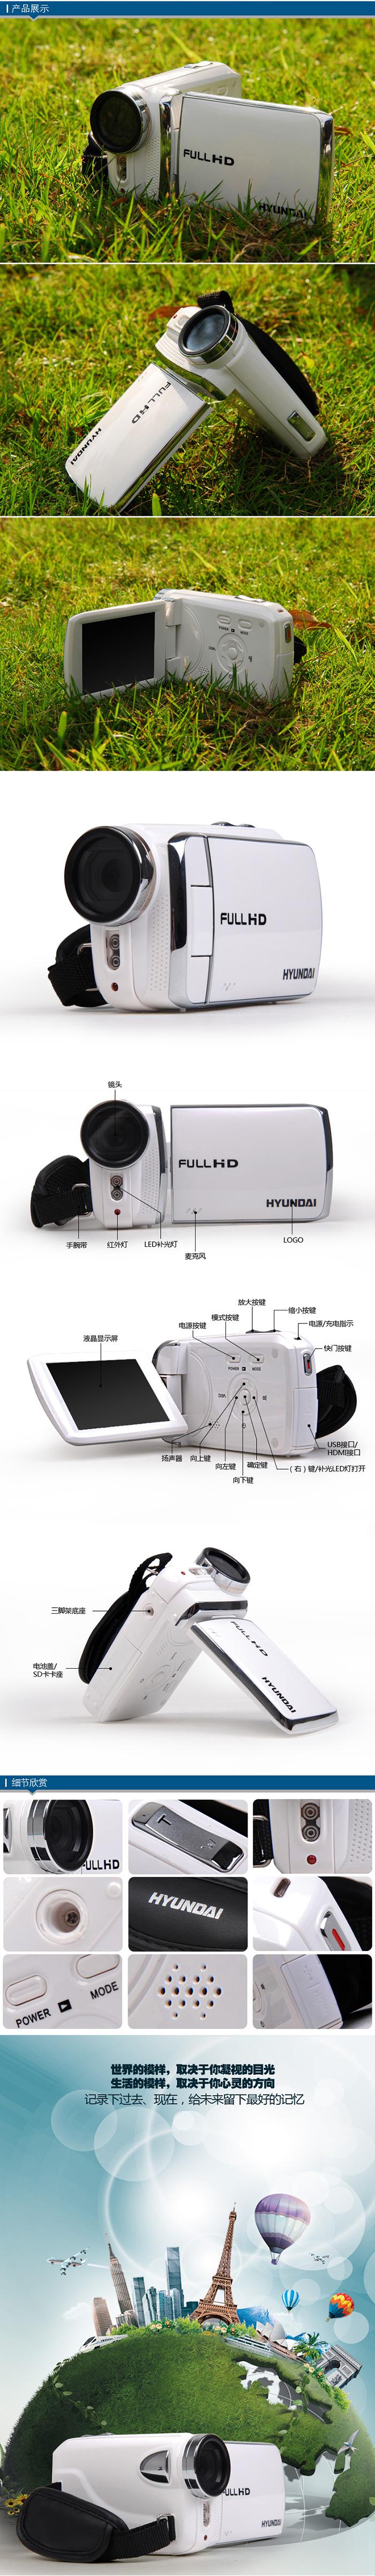 数码摄像机-HDV-Z600